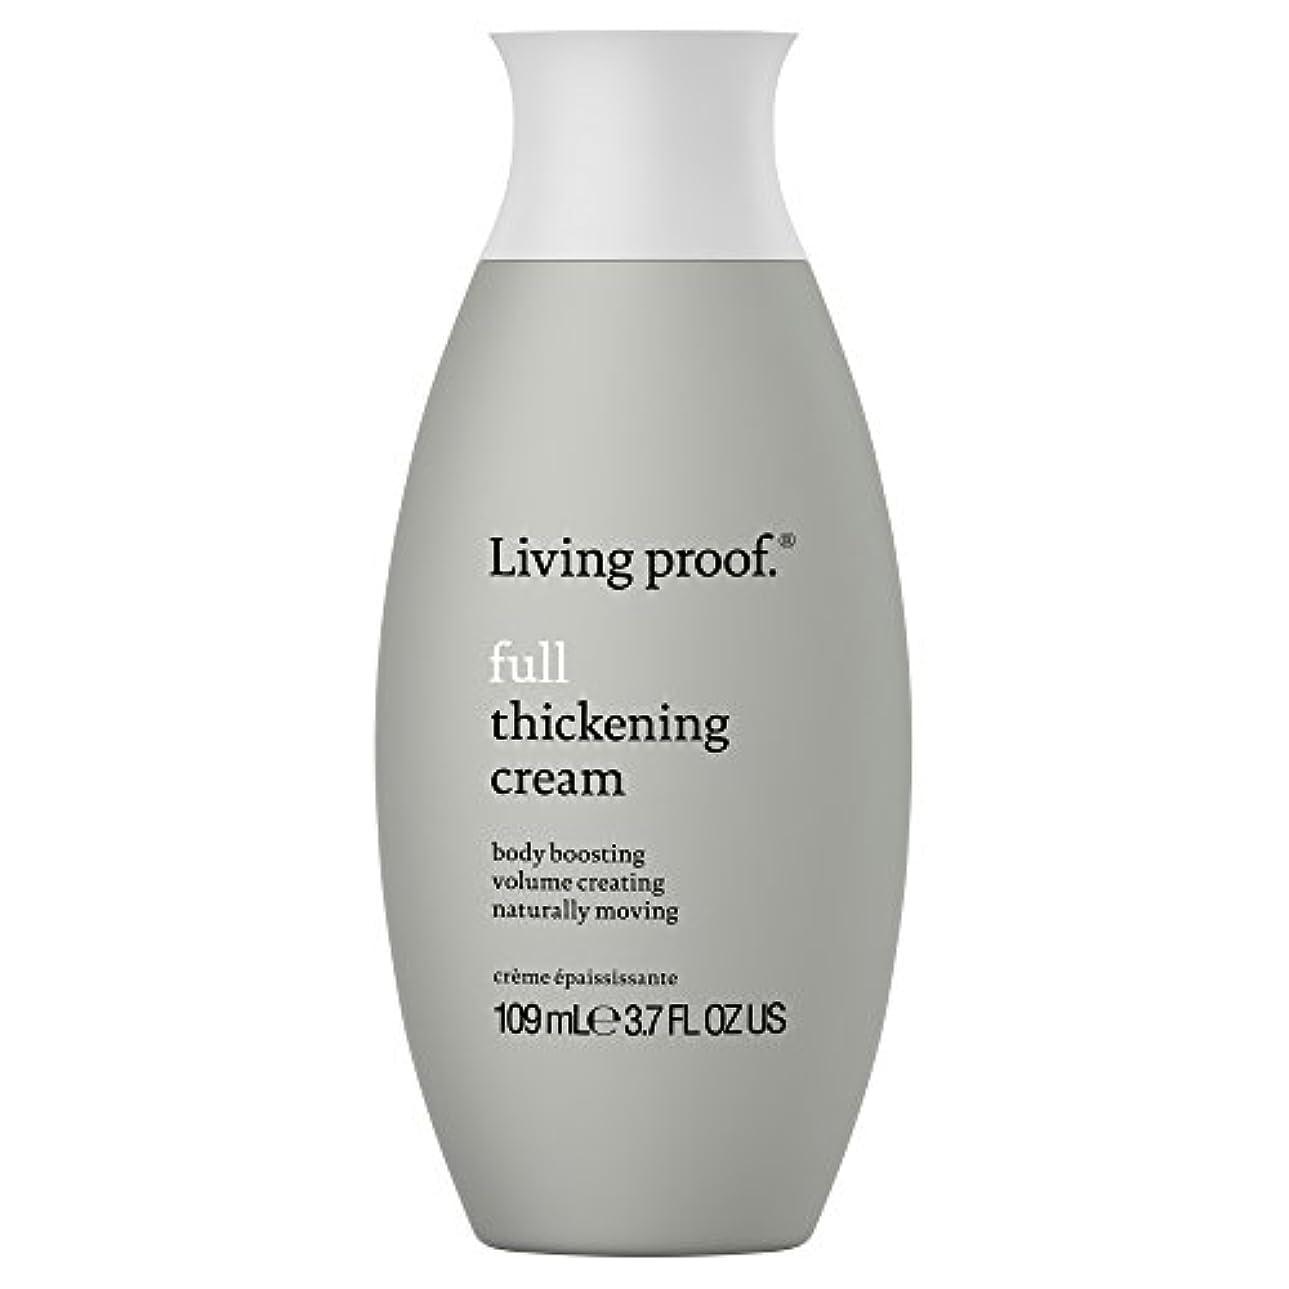 メルボルンラダ獲物生きている証拠フル肥厚クリーム109ミリリットル (Living Proof) - Living Proof Full Thickening Cream 109ml [並行輸入品]